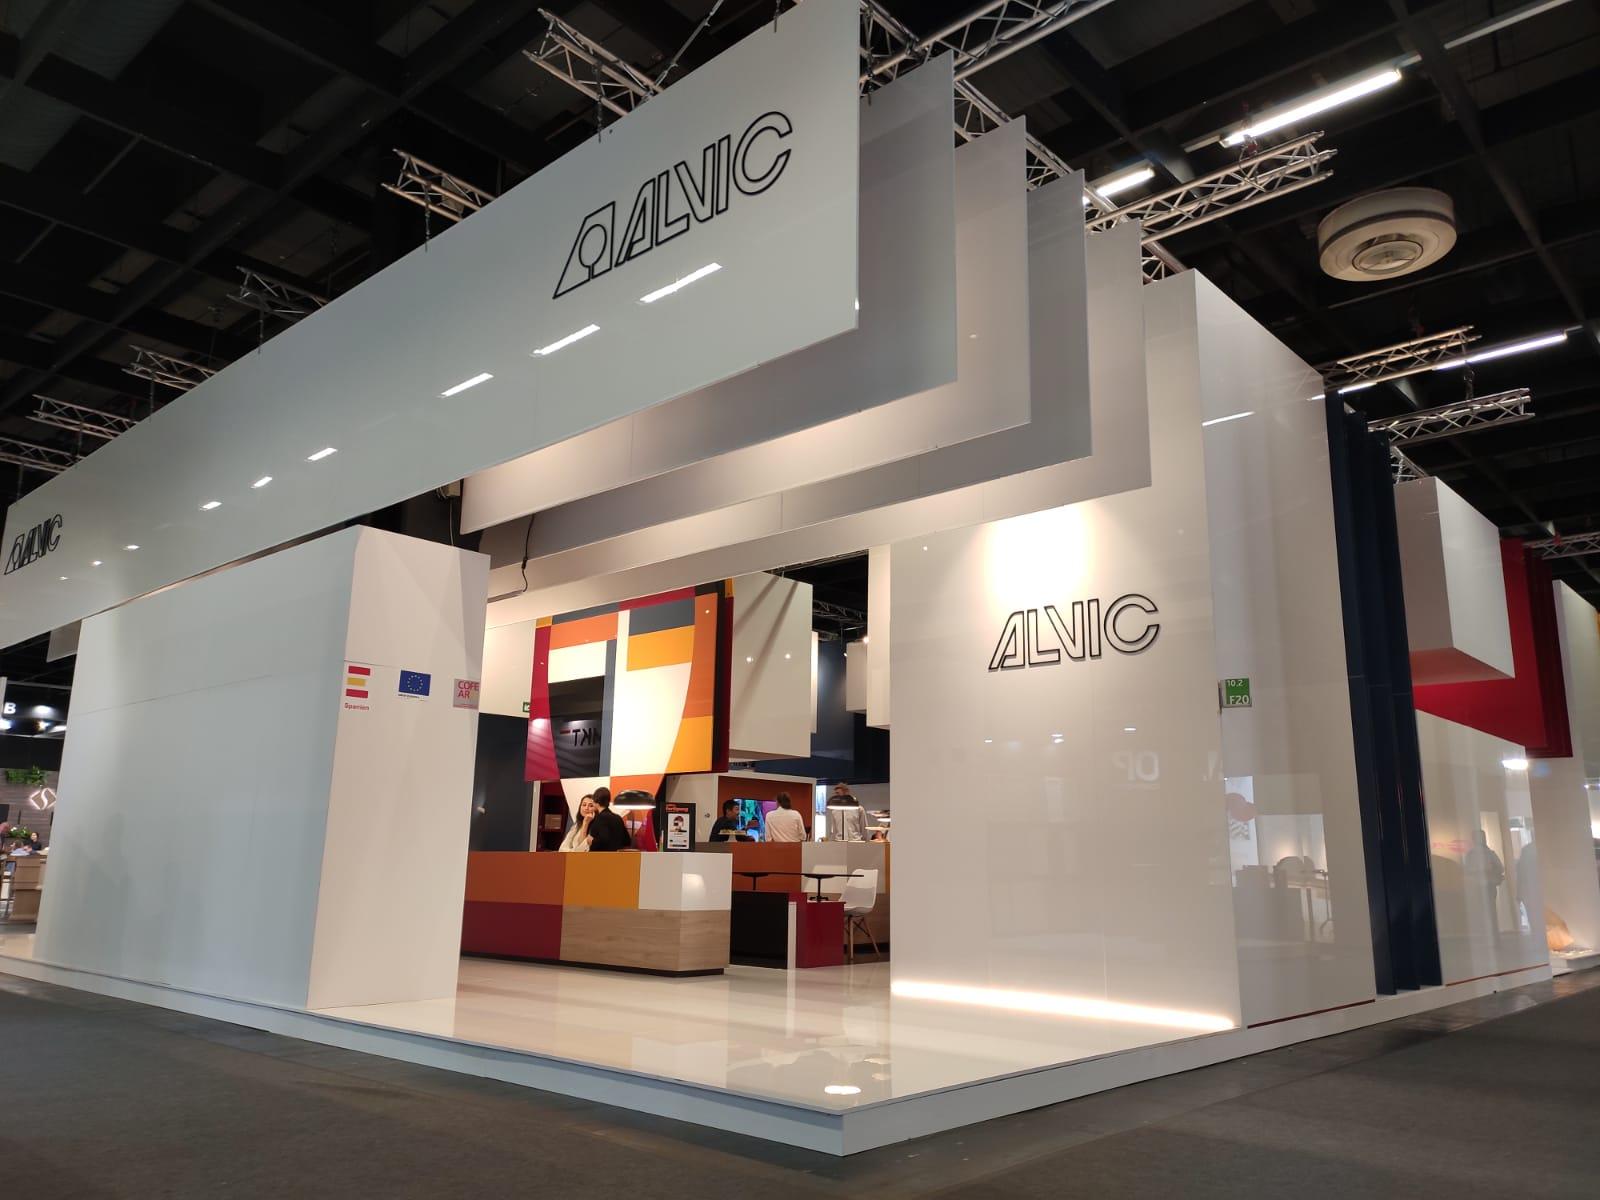 ALVIC se consolida en interzum como referente internacional en productos para mobiliario y decoración